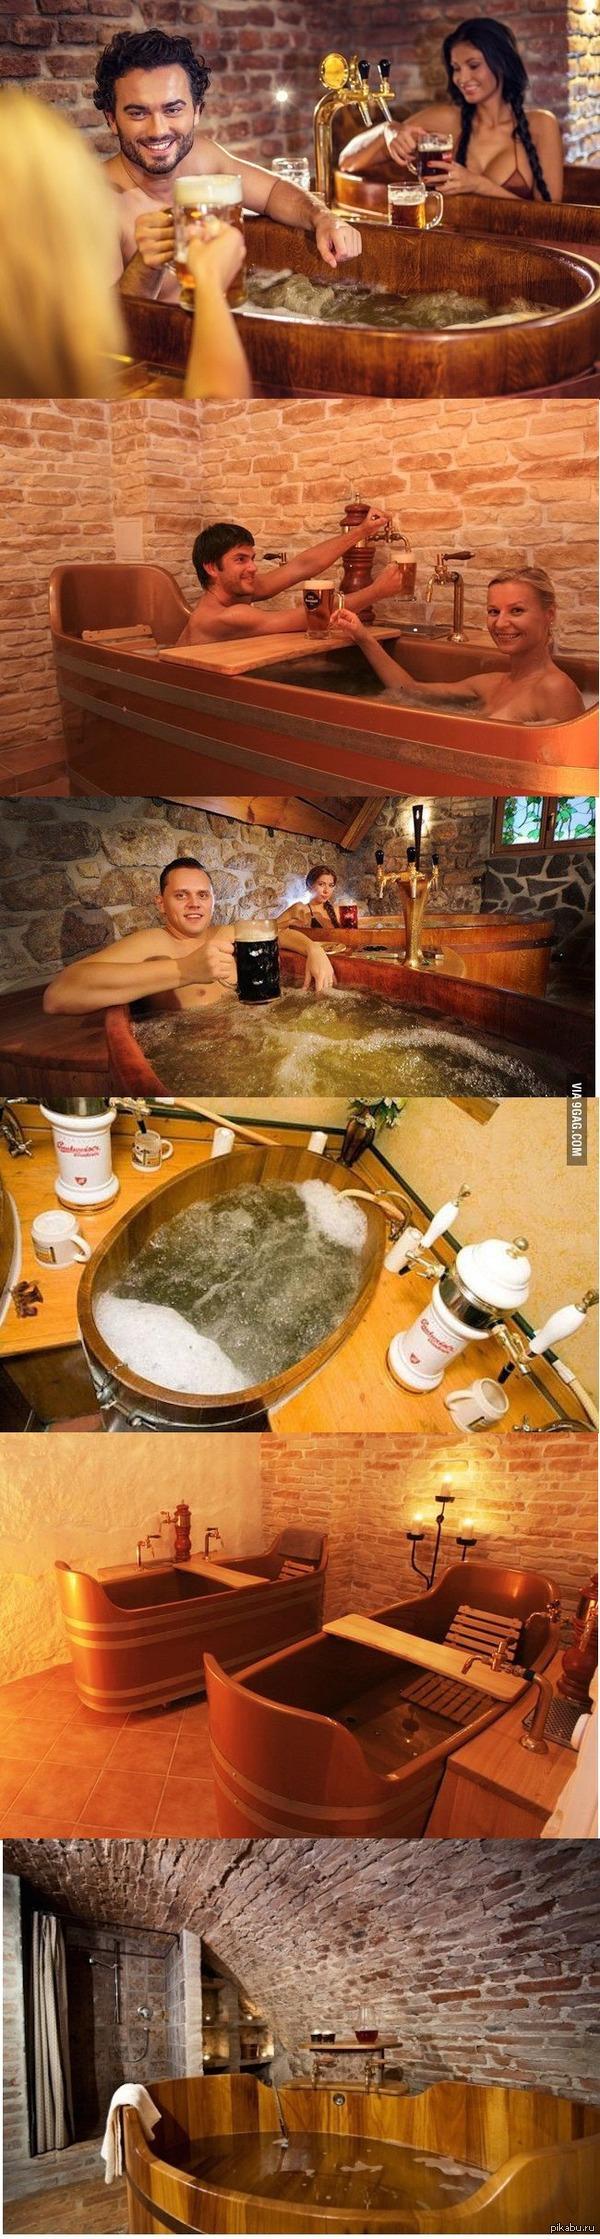 Пивная баня в Чехии. Смотрю на фото и чувствую запах пива